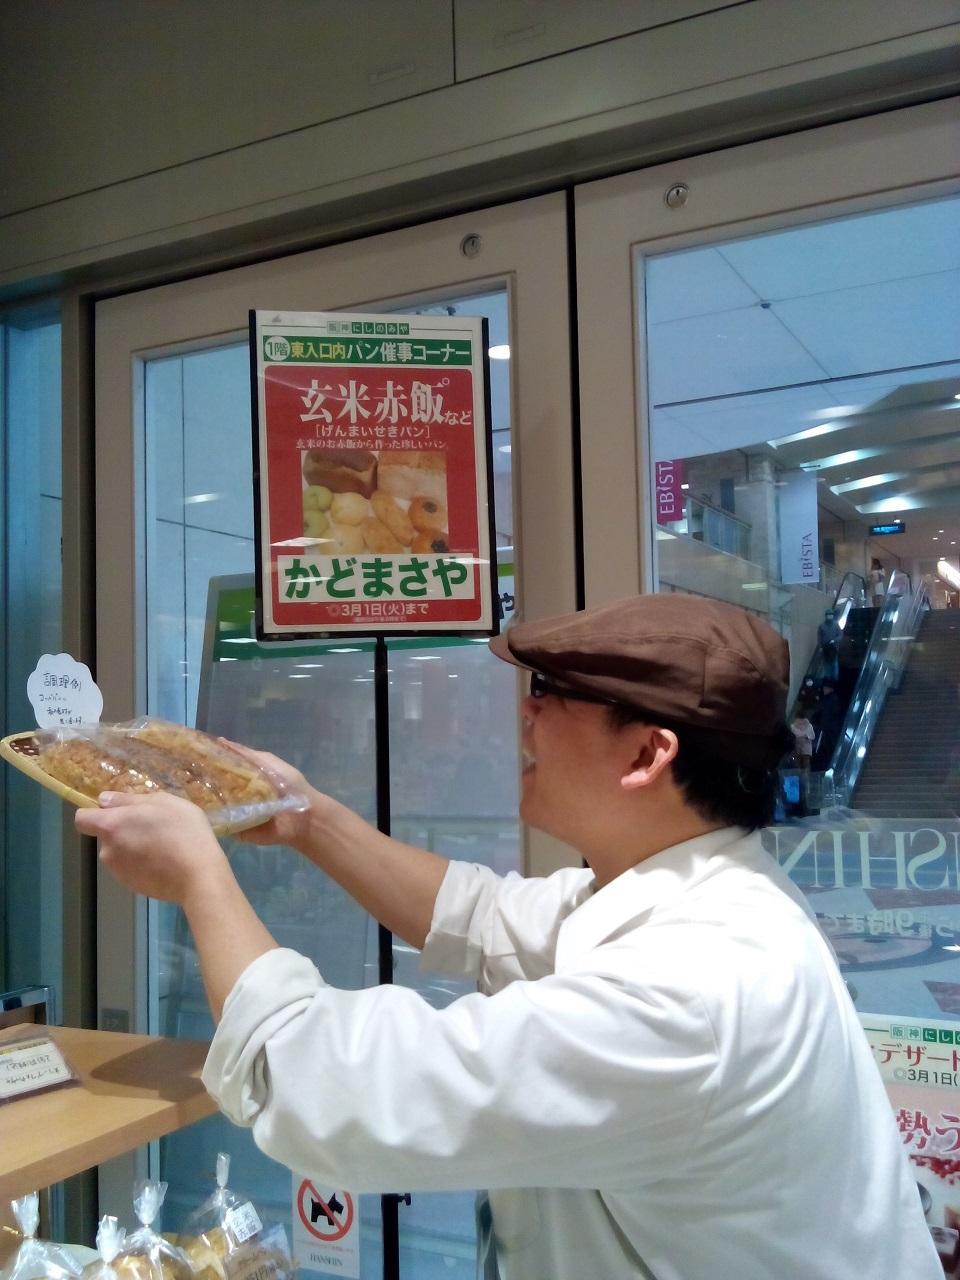 阪神にしのみや百貨店催事販売2日目♪